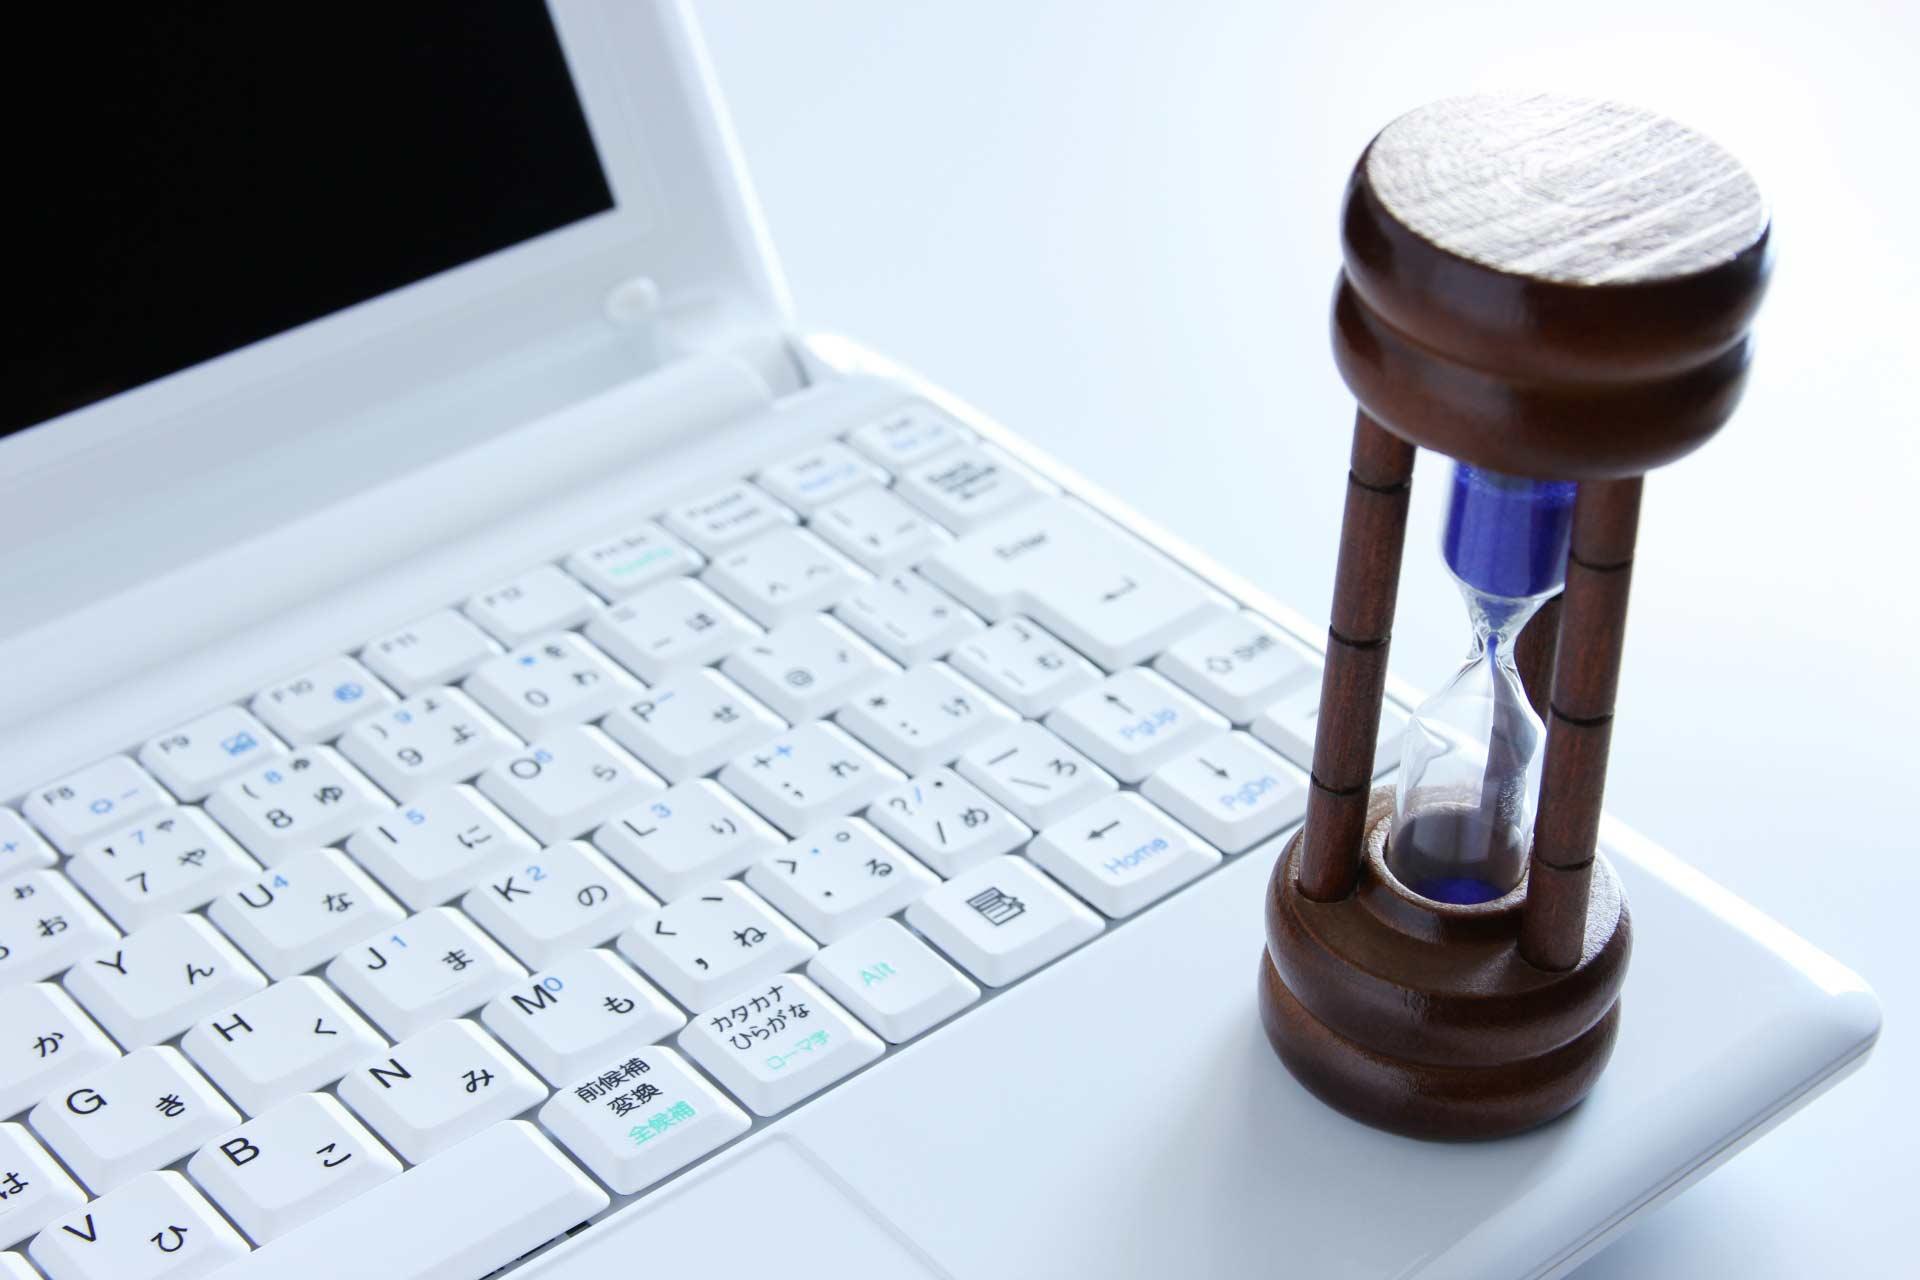 ノートパソコンと砂時計